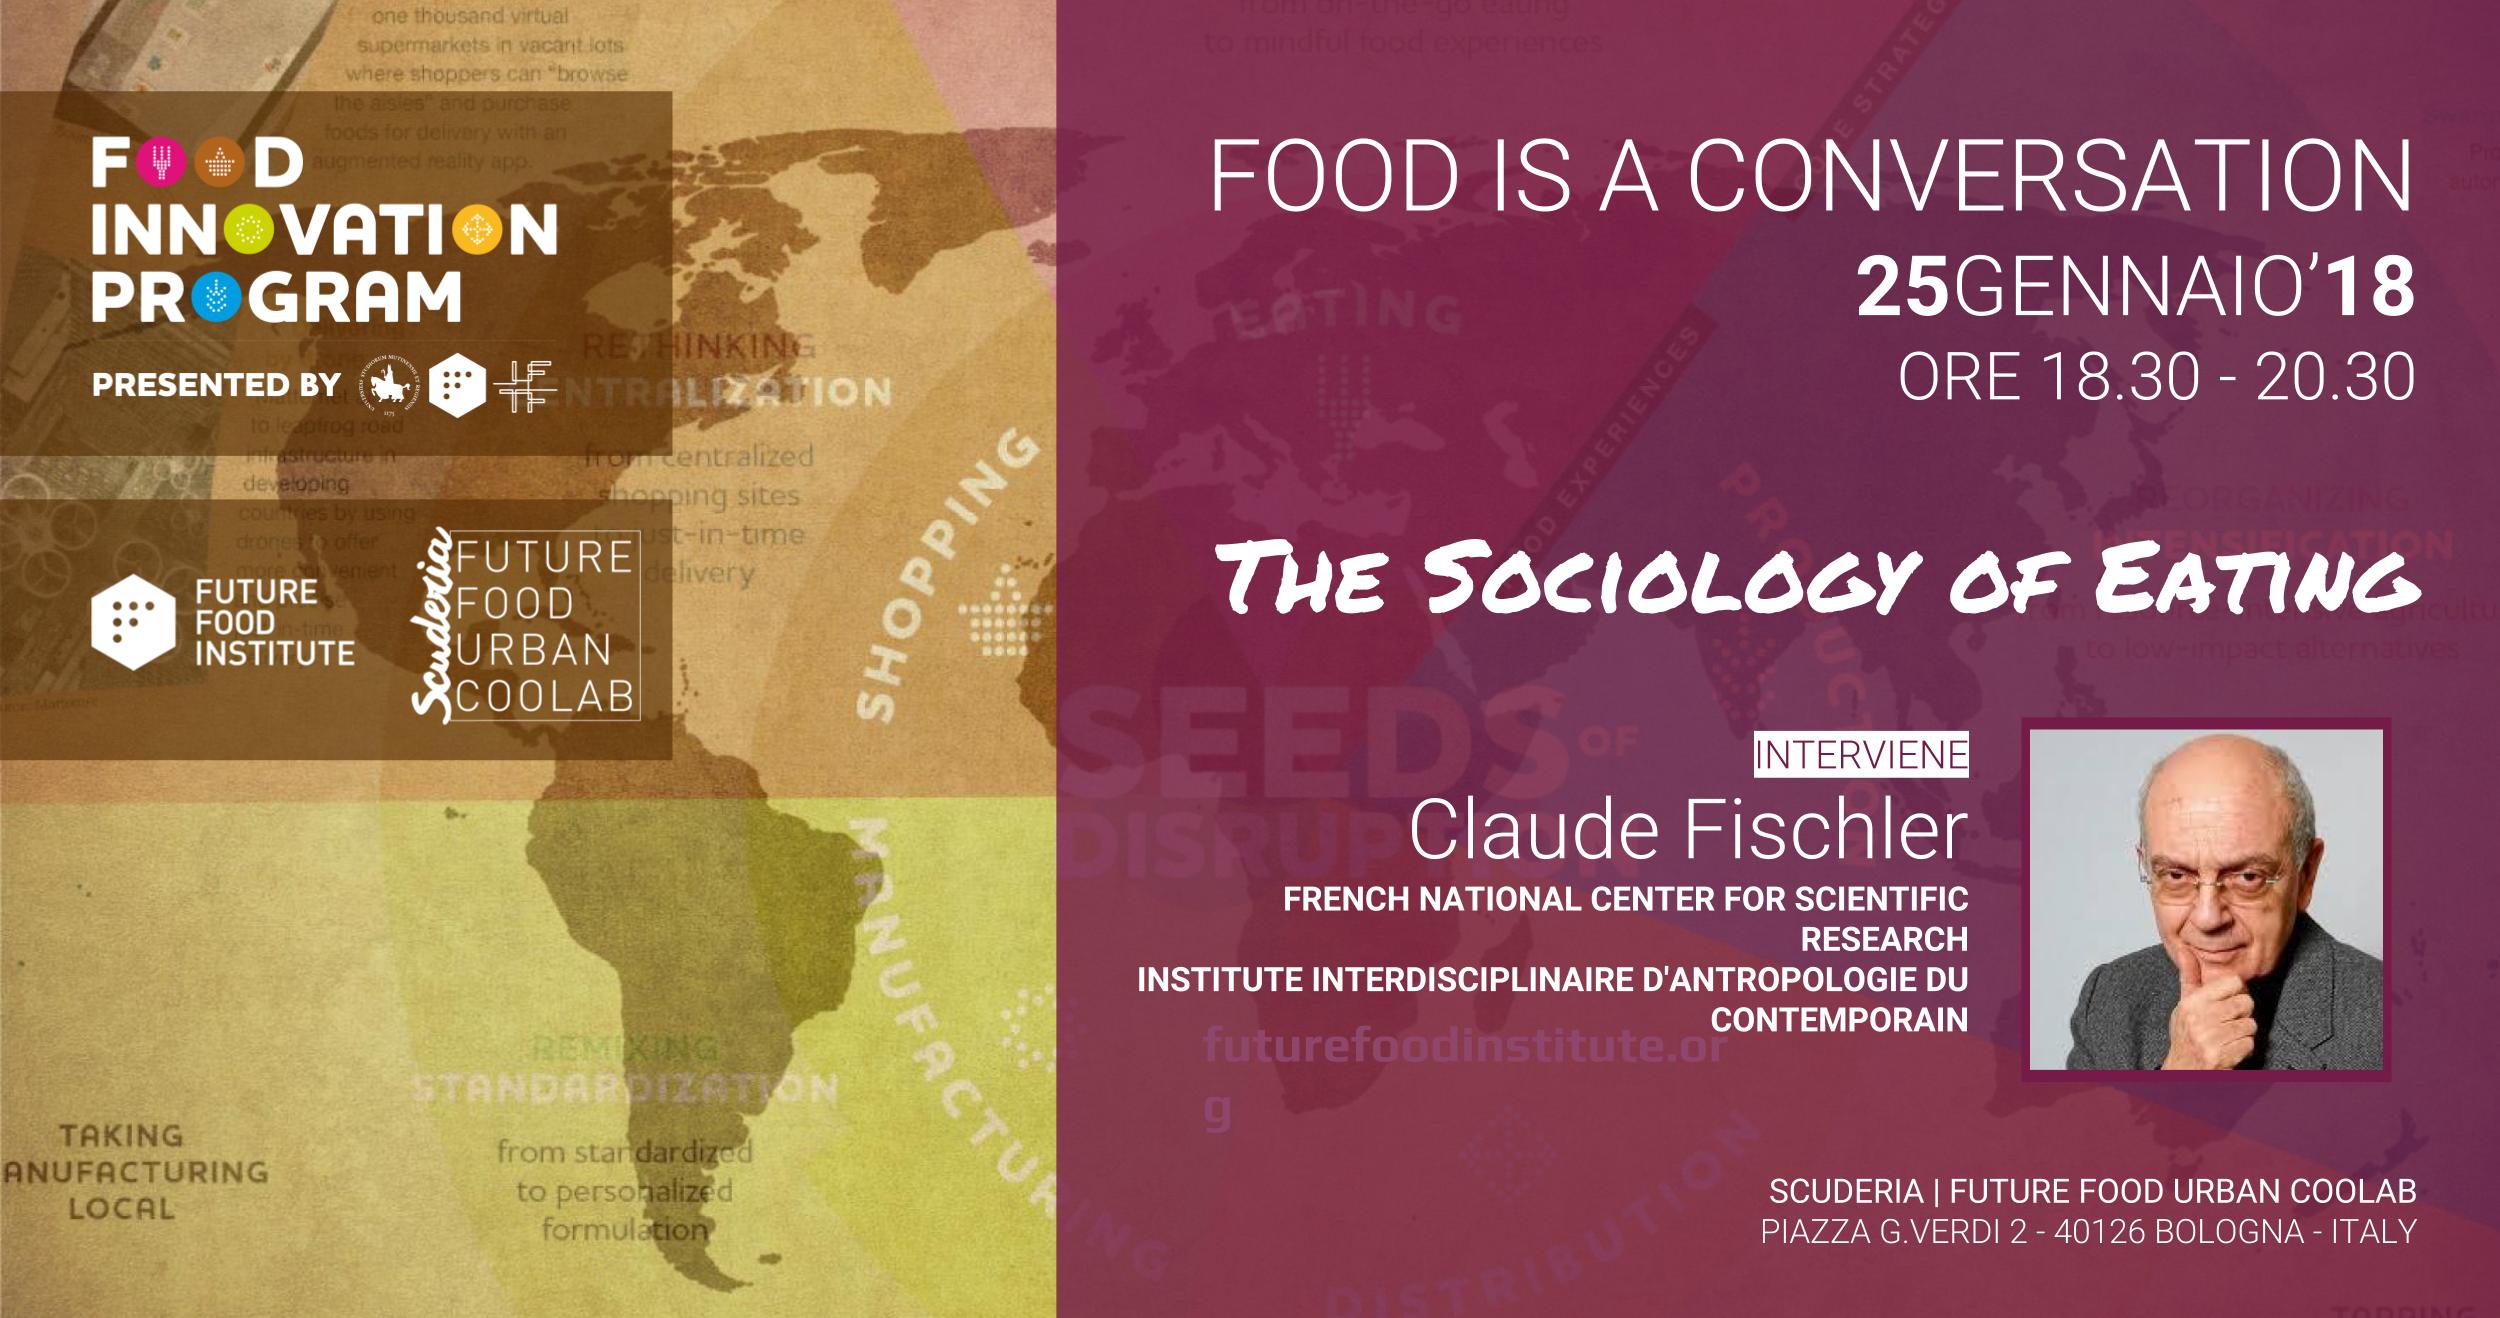 La sociologia del cibo con Claude Fischler nella seconda FOOD IS A CONVERSATION